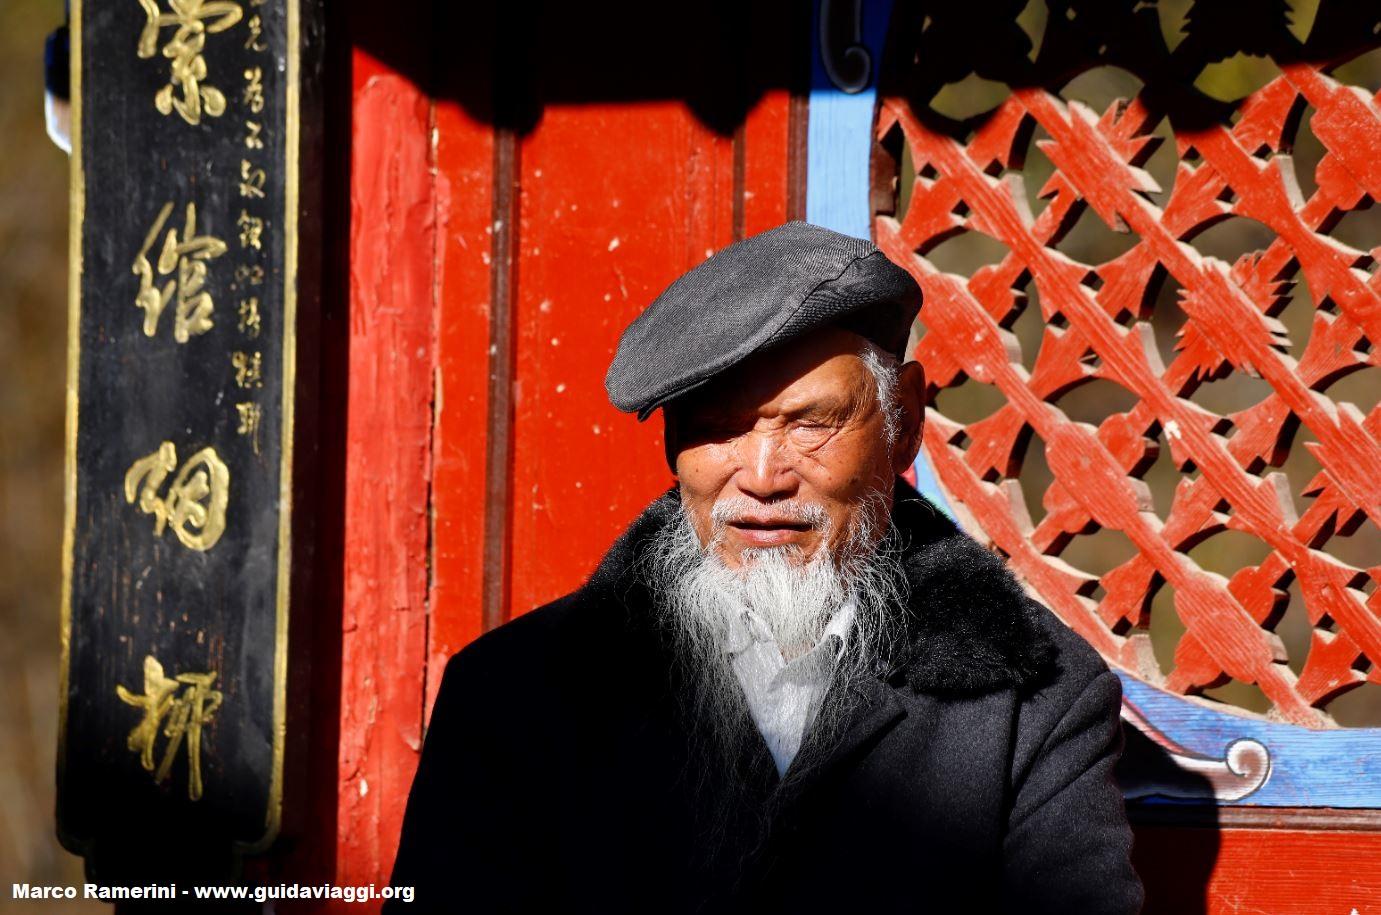 Hombre, Shigu, Yunnan, China. Autor y Copyright Marco Ramerini.